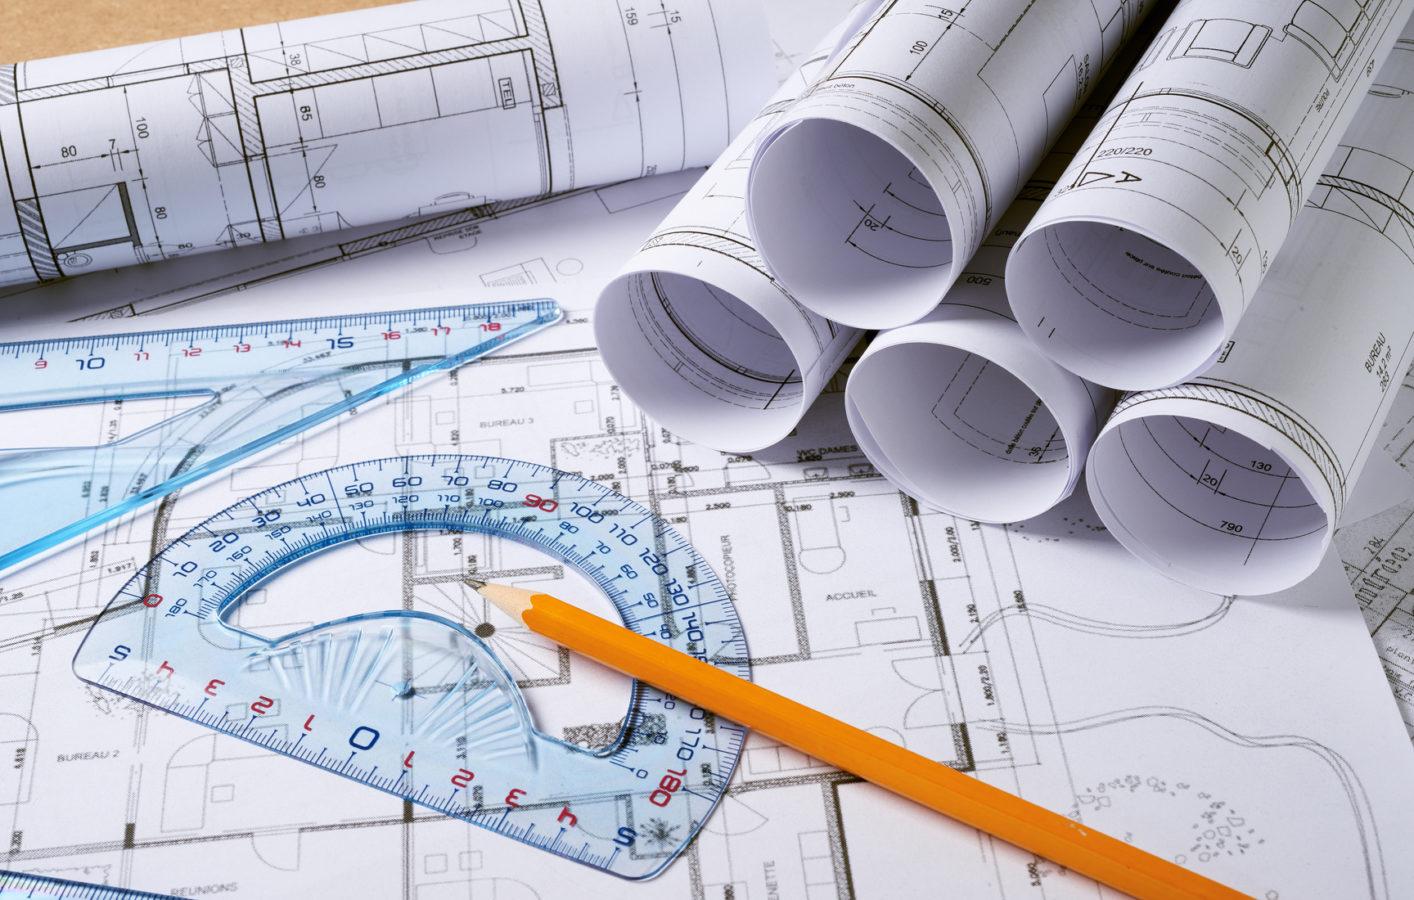 Wielobranżowe projekty budowlane i wykonawcze